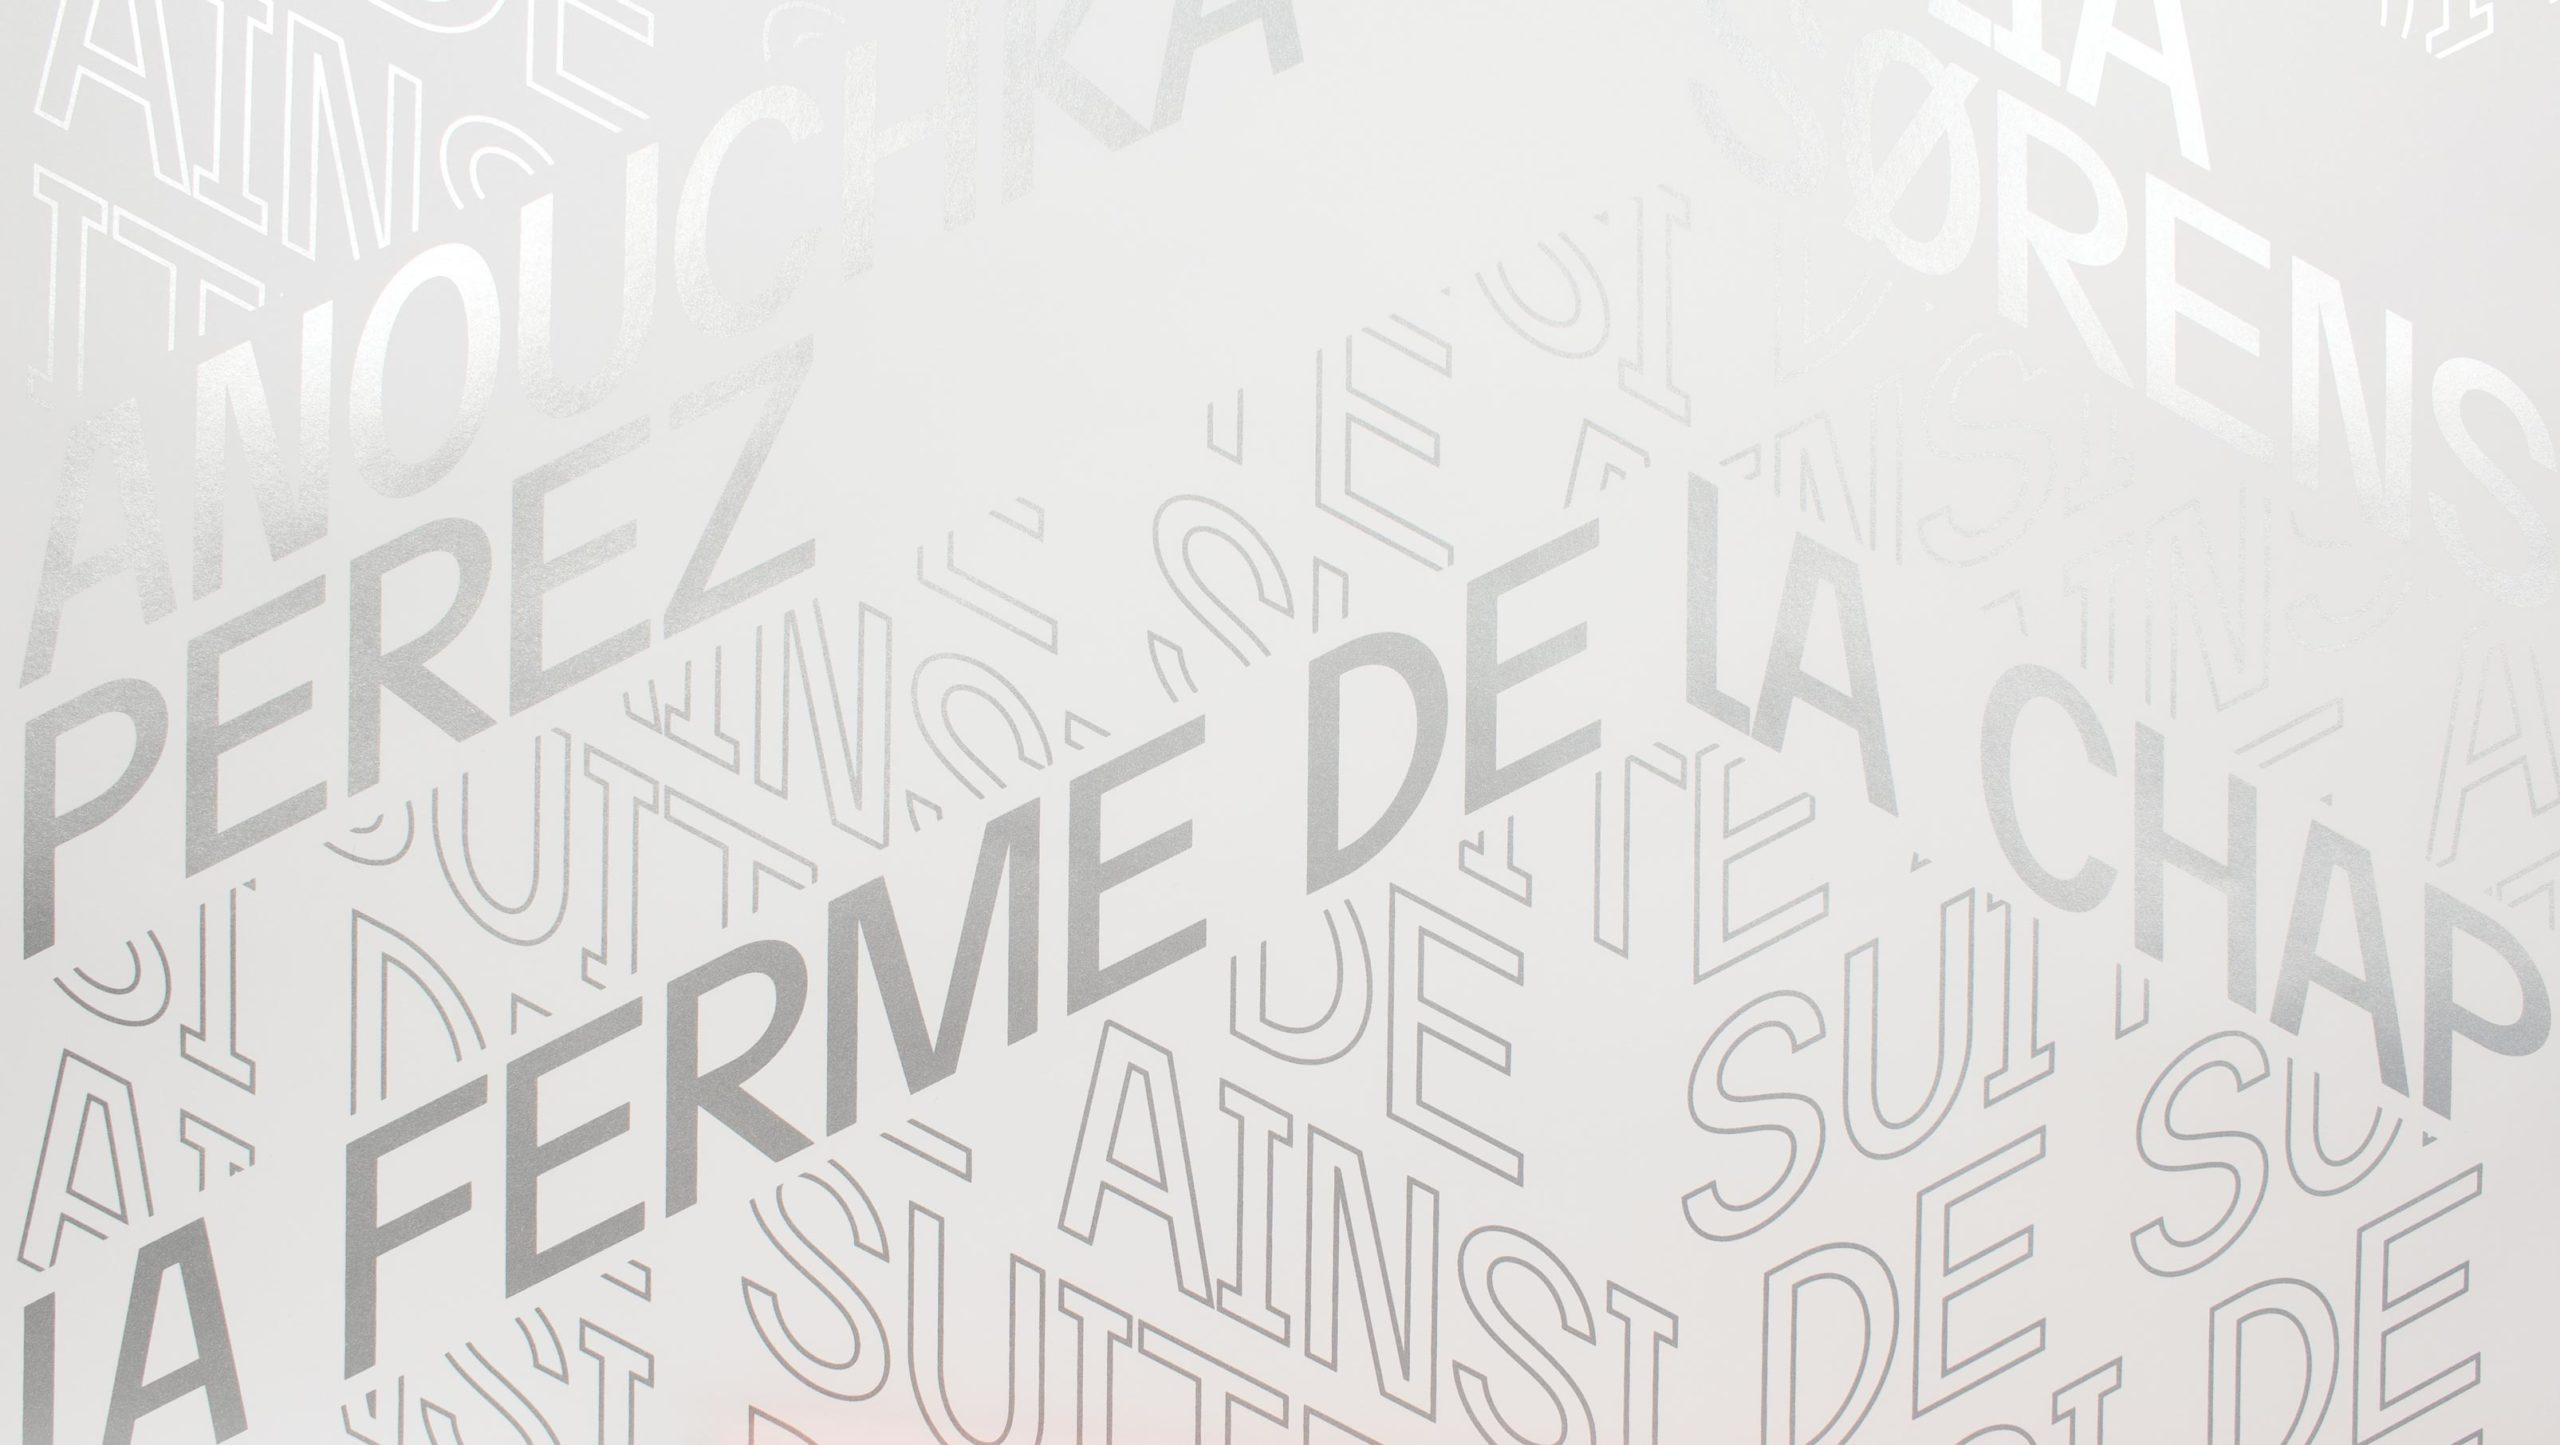 Détail de l'affiche typographique pour une exposition de Anouchka Perez et Julia Sorensen